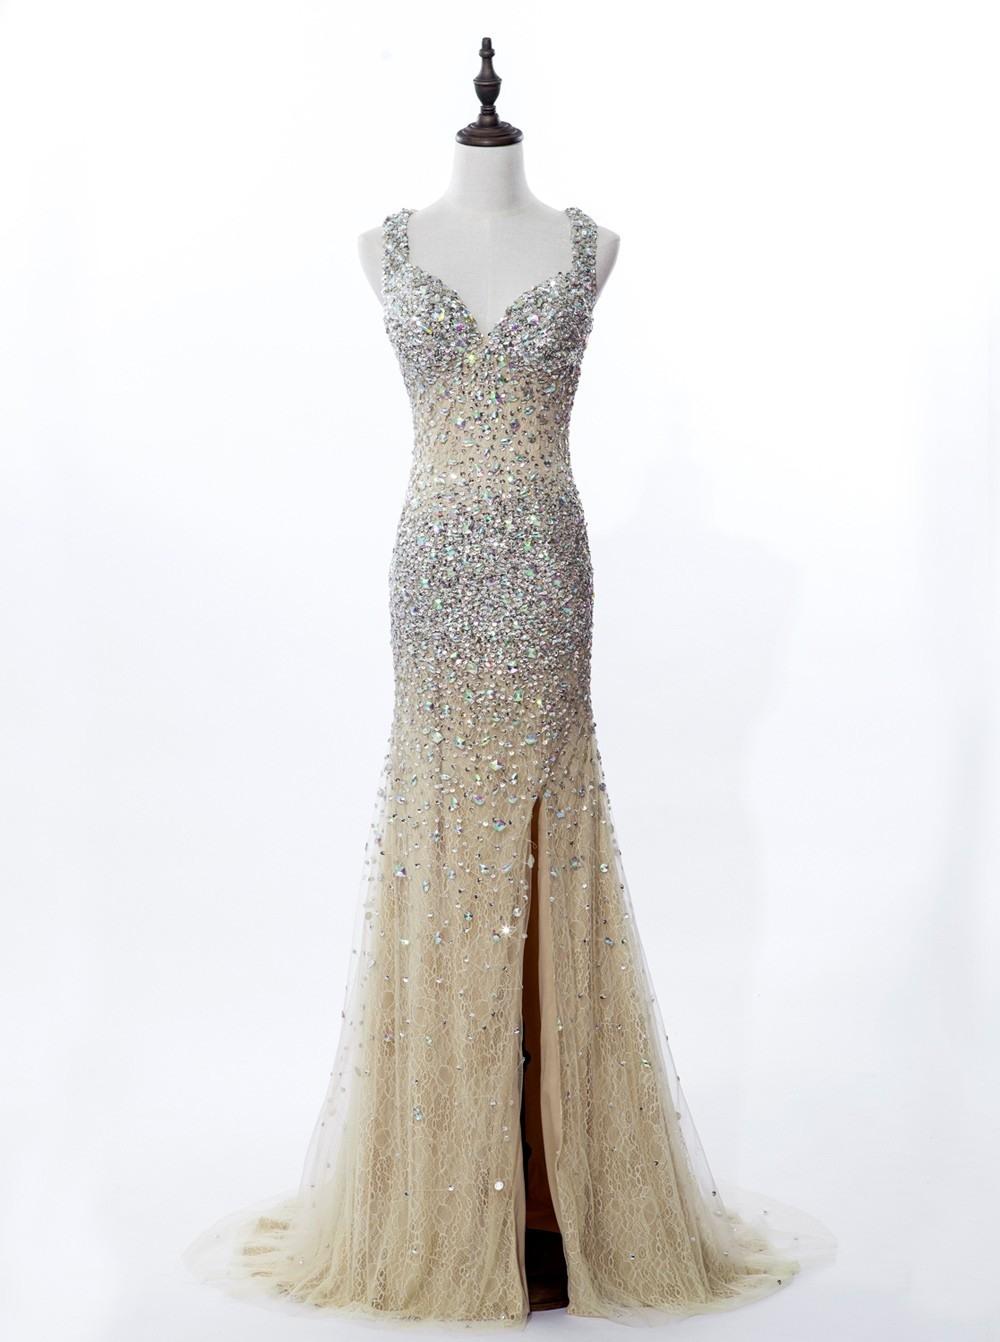 20 Einfach Abendkleid Rückenfrei VertriebDesigner Luxus Abendkleid Rückenfrei Design